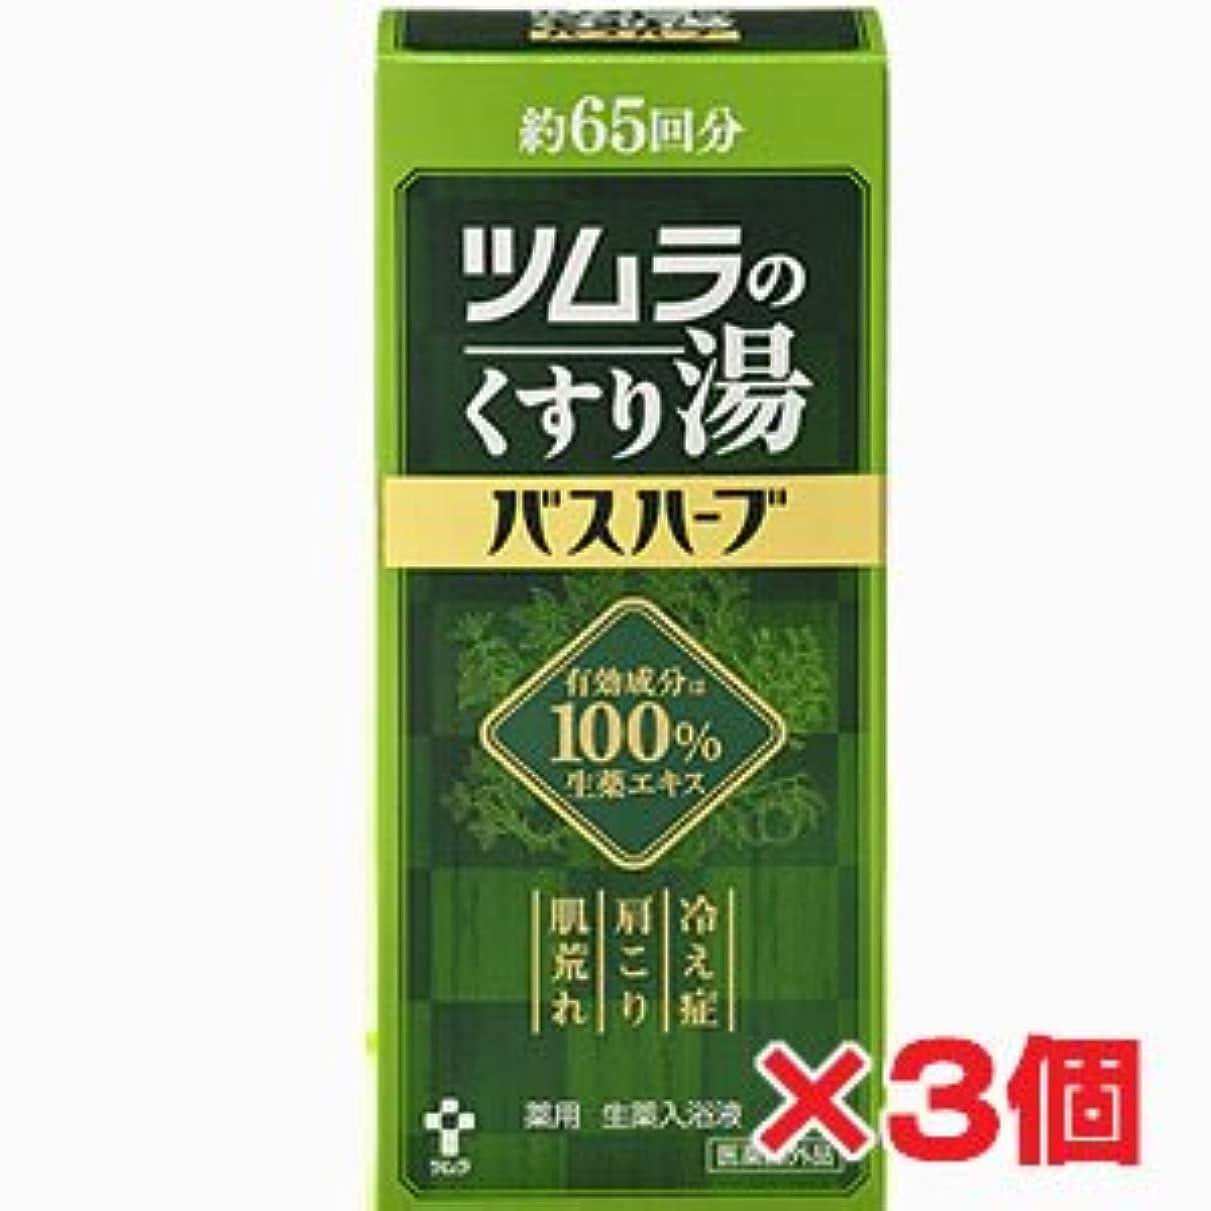 理解する呼吸するスタウト【3本】ツムラのくすり湯 バスハーブ 650ml×3本